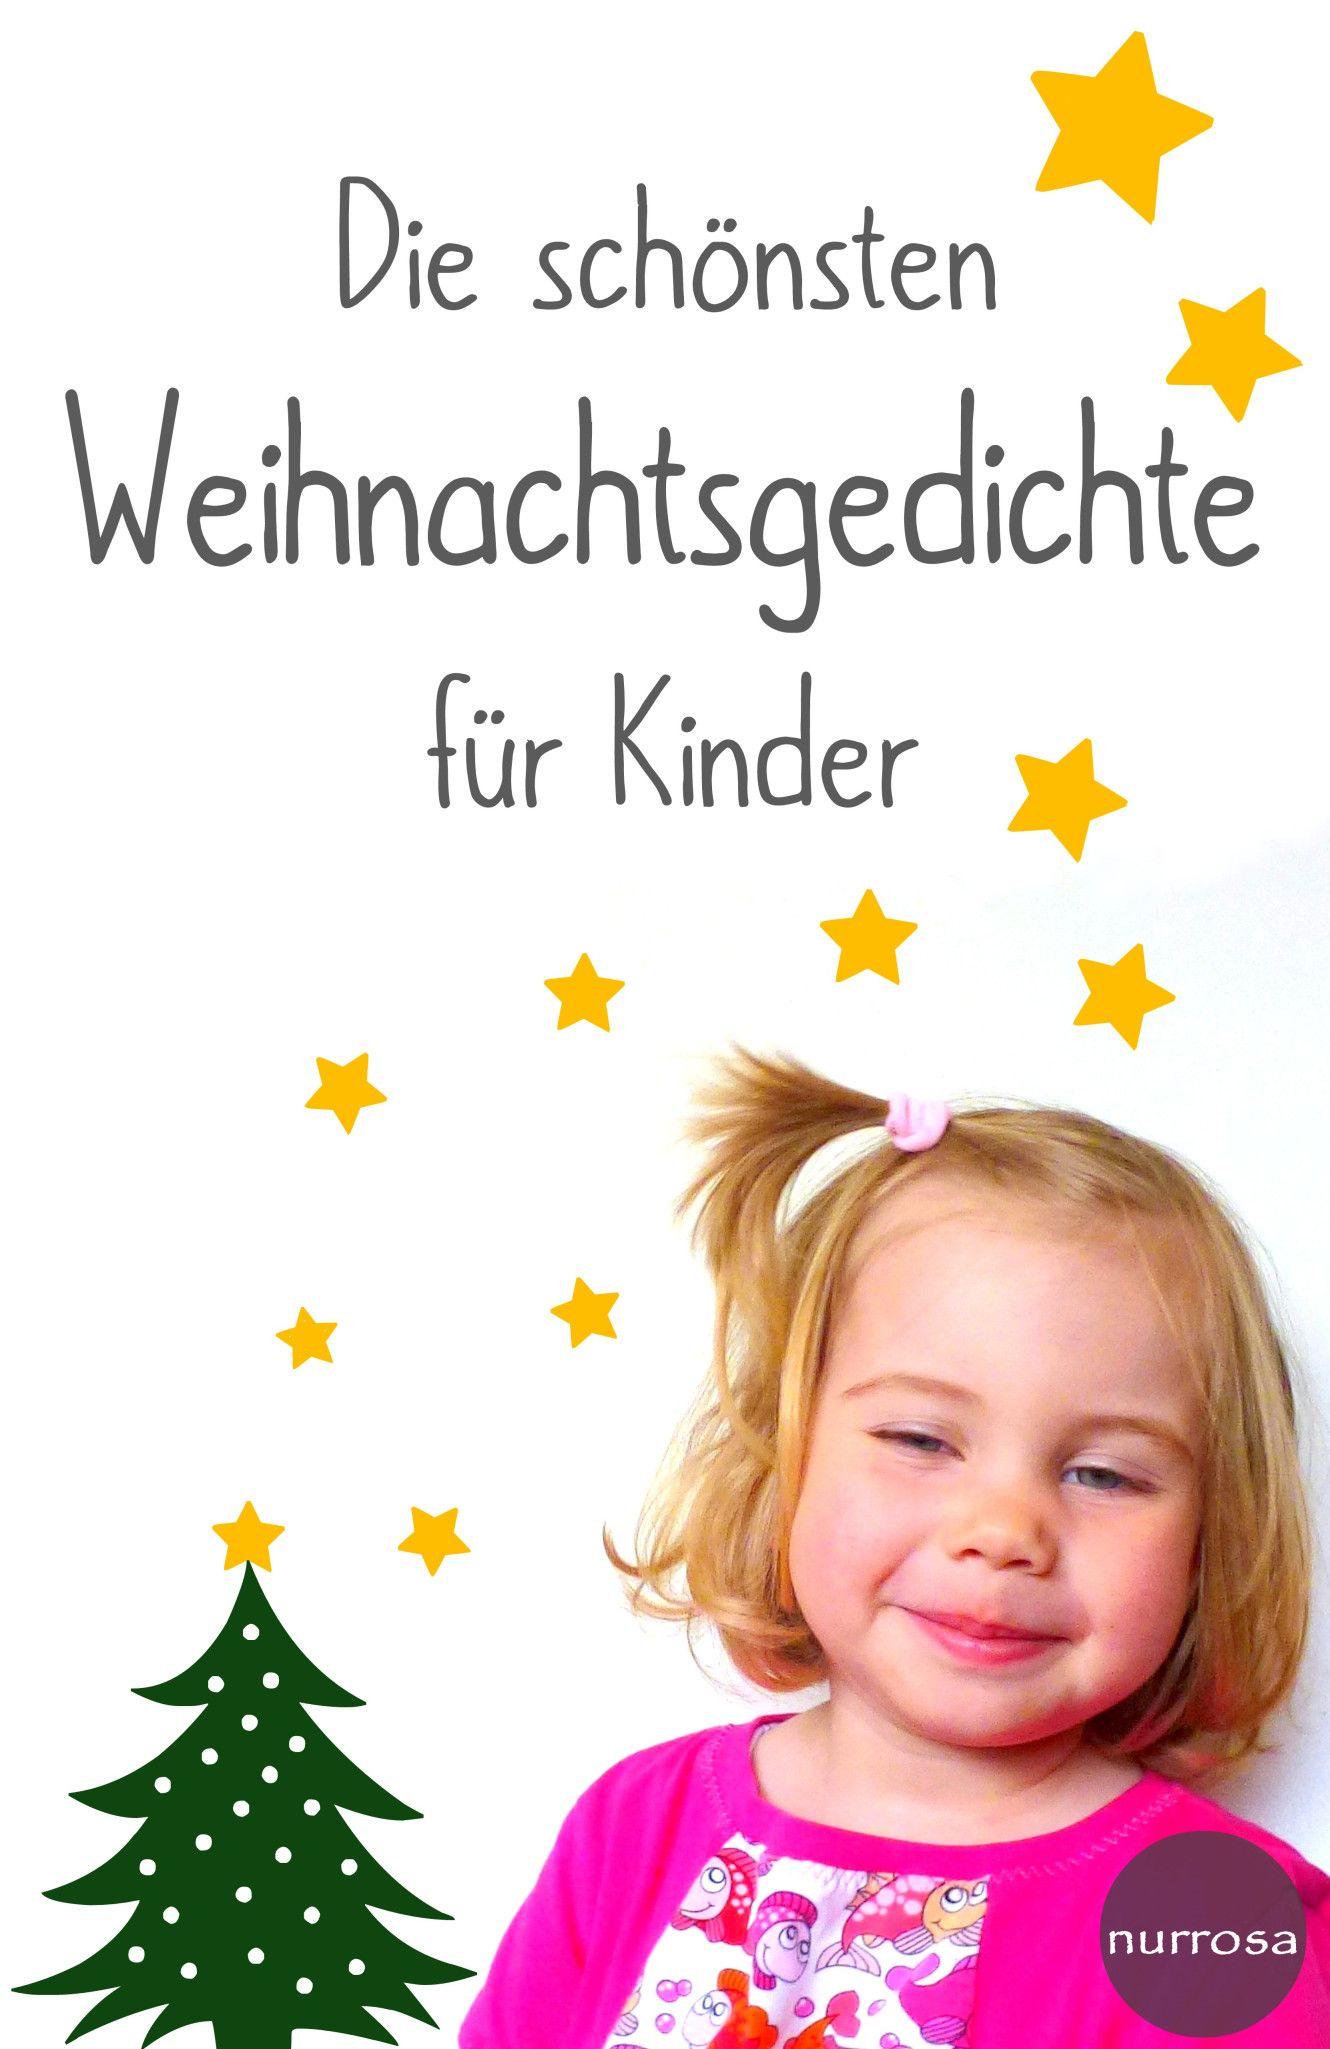 Die Schönsten Weihnachtsgedichte Für Kinder verwandt mit Kleine Weihnachtsgedichte Für Kindergartenkinder